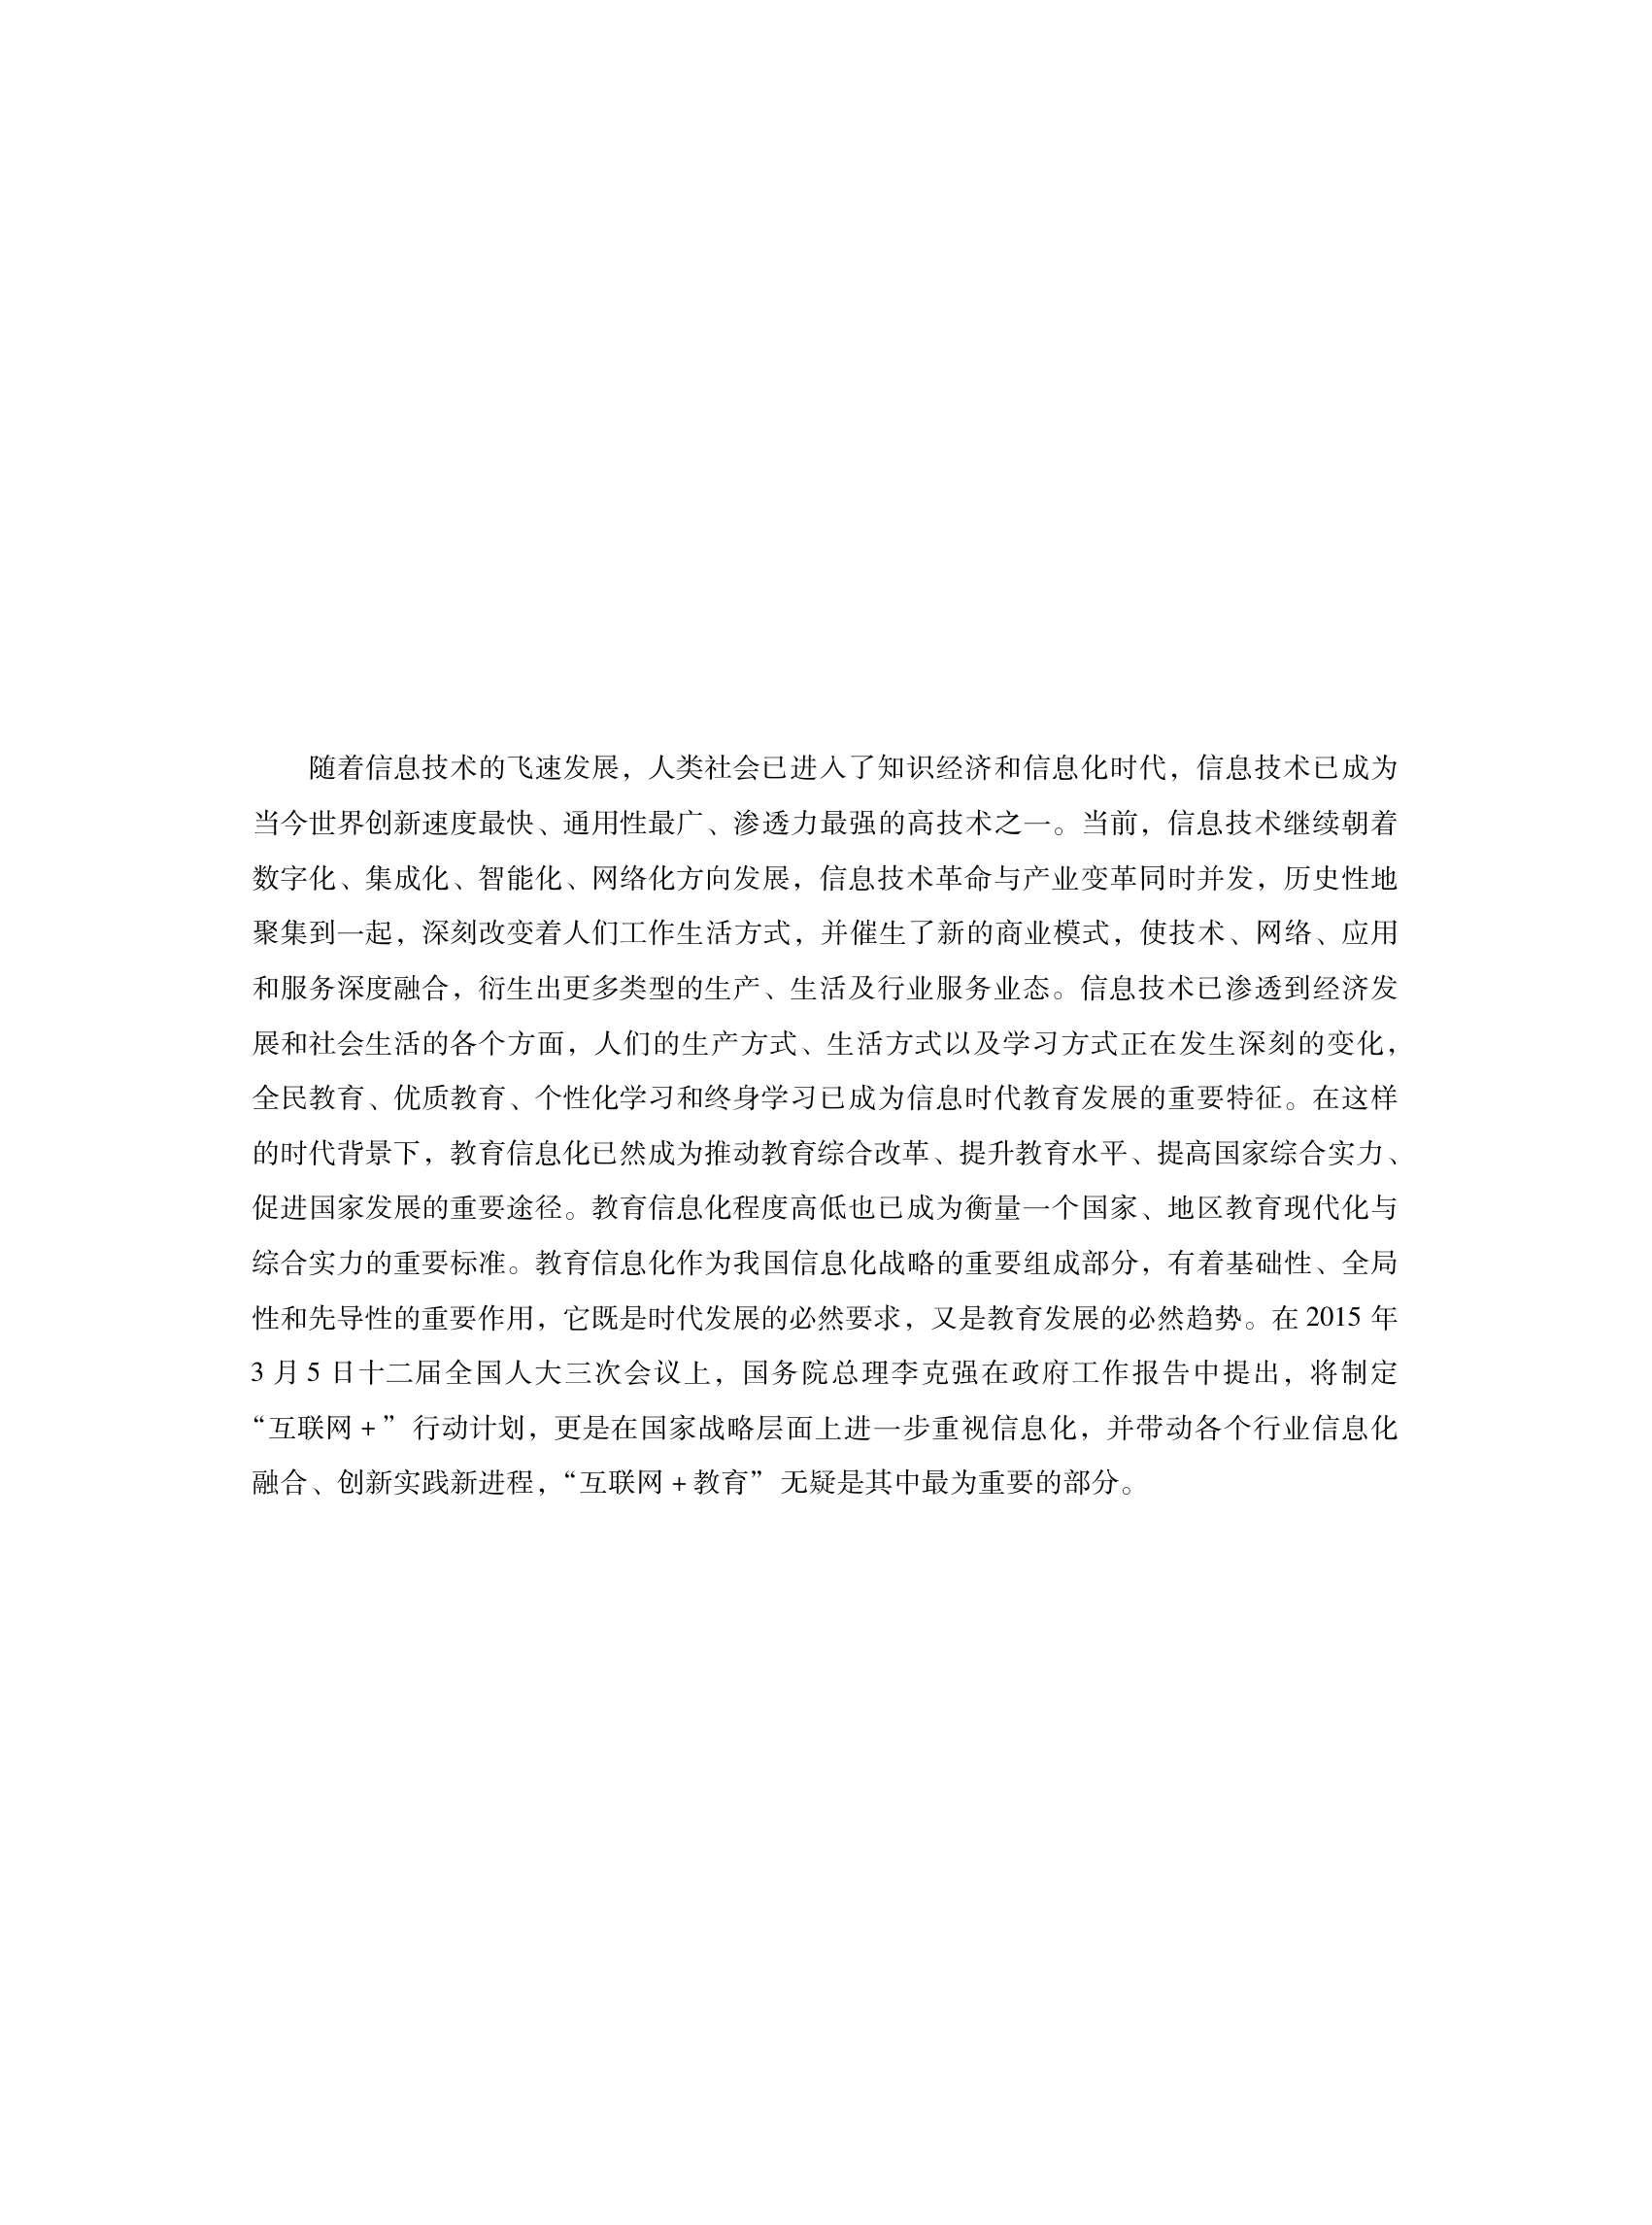 2015年中国互联网学习白皮书_000013